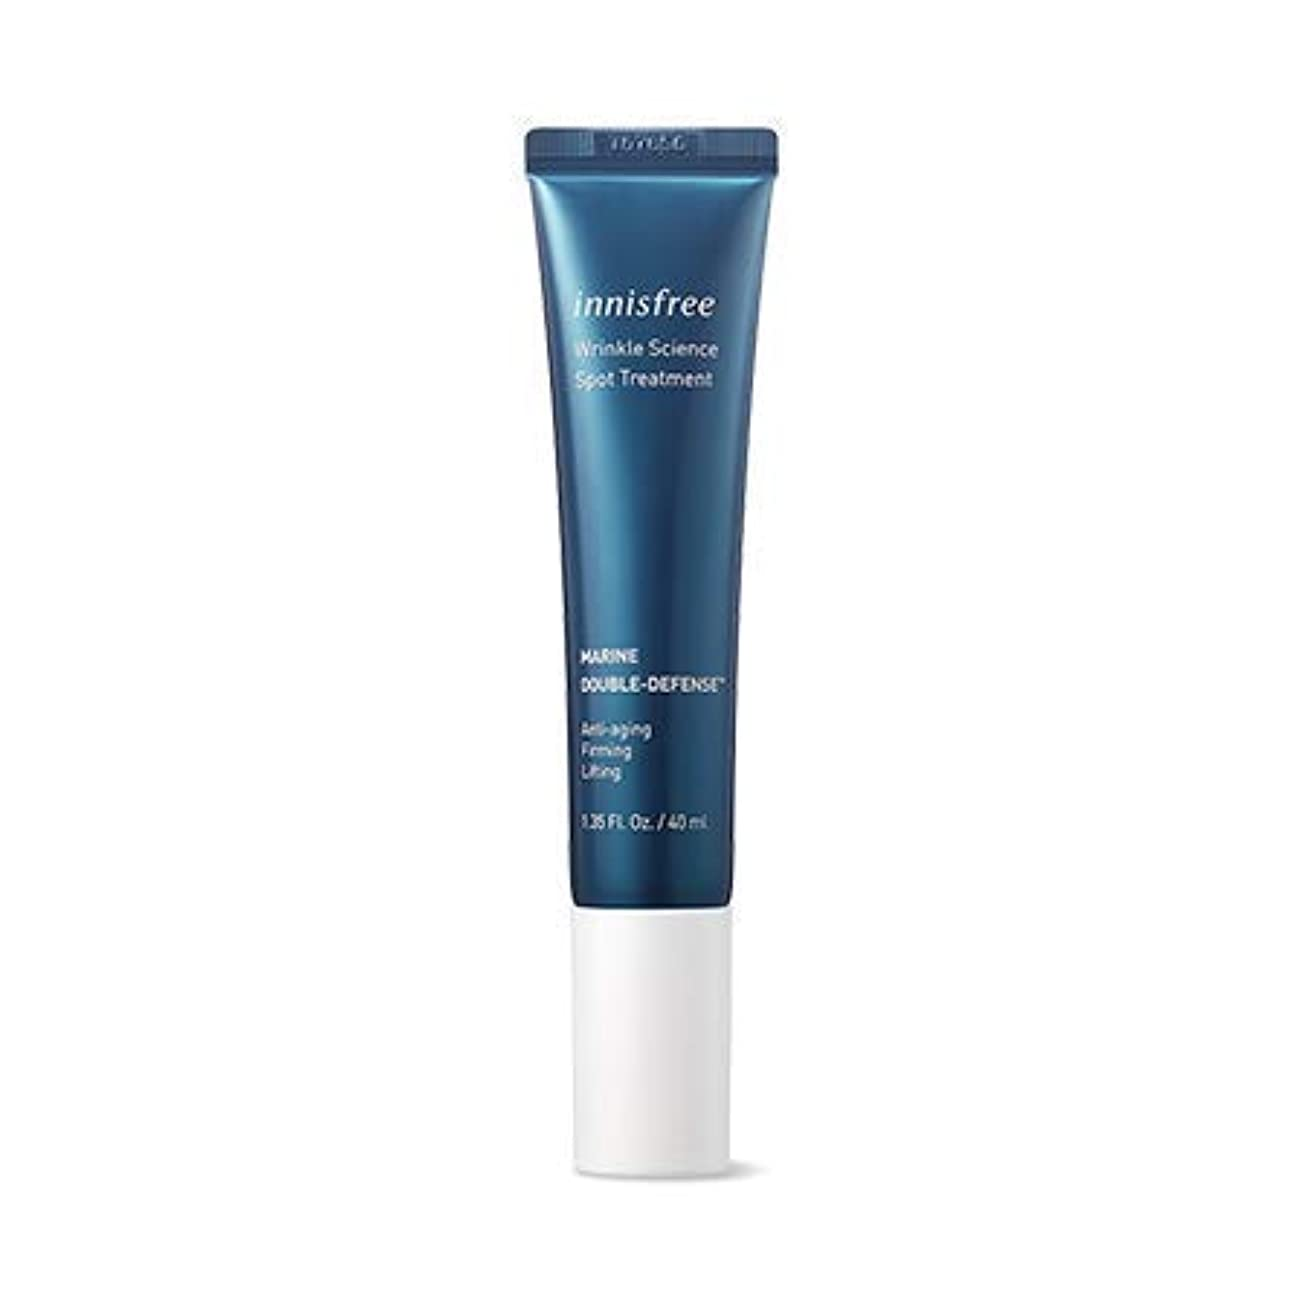 イニスフリーリンクルサイエンススポットトリートメント40ml / Innisfree Wrinkle Science Spot Treatment 40ml [並行輸入品]